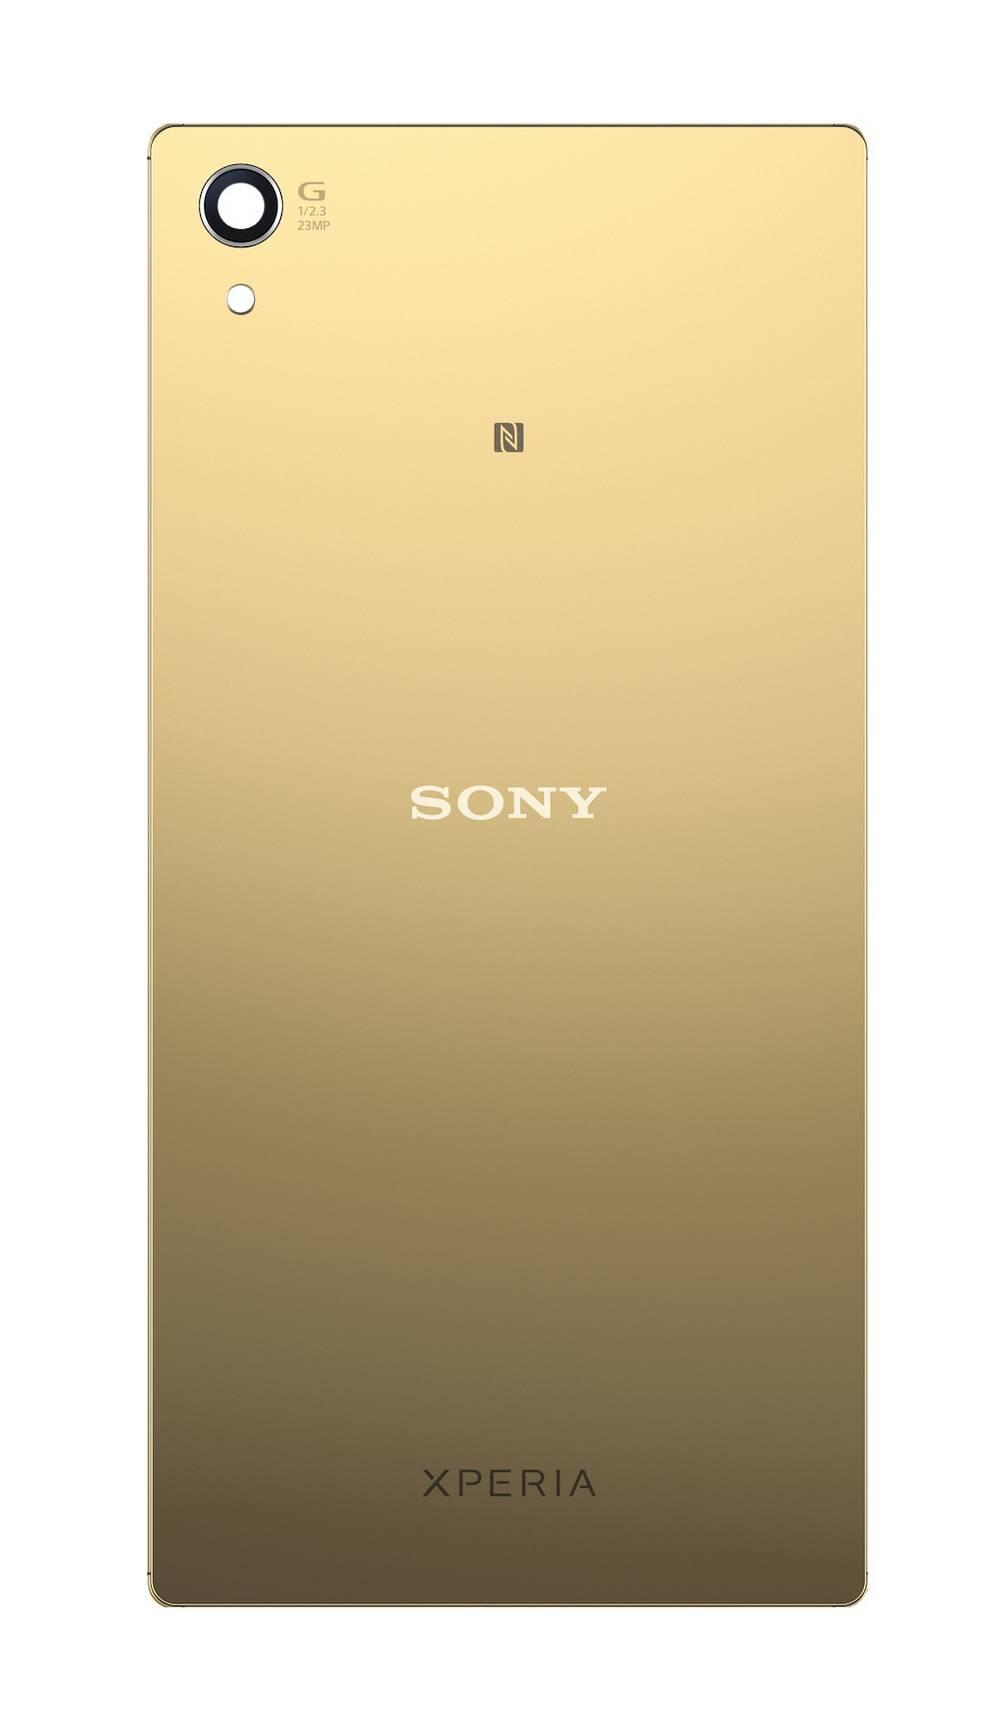 Καπάκι Μπαταρίας Sony Xperia Z5 E6603/E6653/Z5 Dual E6633/E6683 Χρυσαφί Original 1295-1378